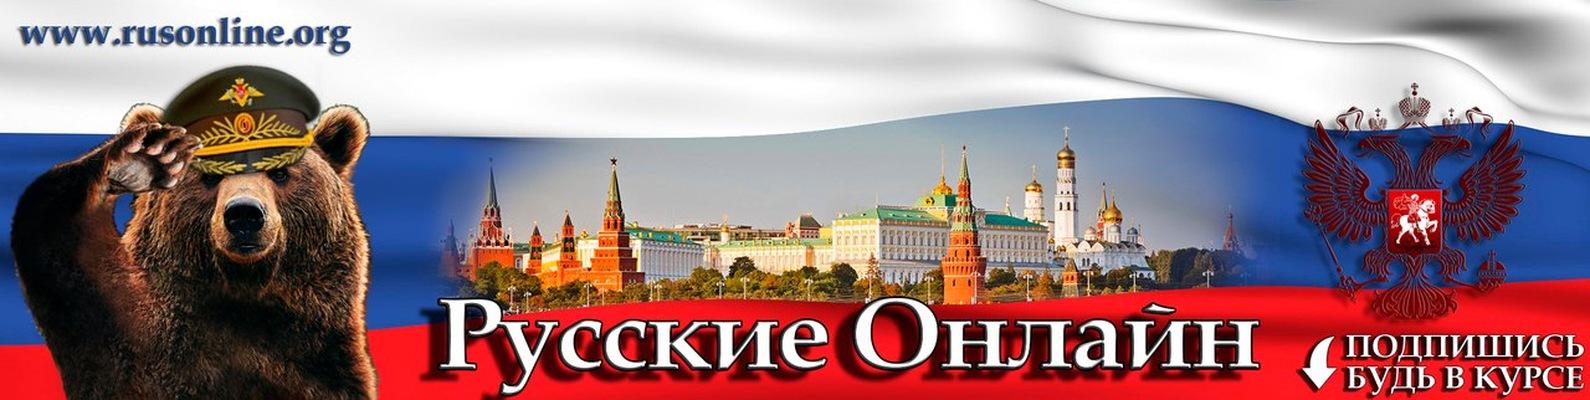 Документы для кредита в москве Пехотная улица чеки для налоговой Краснопресненская